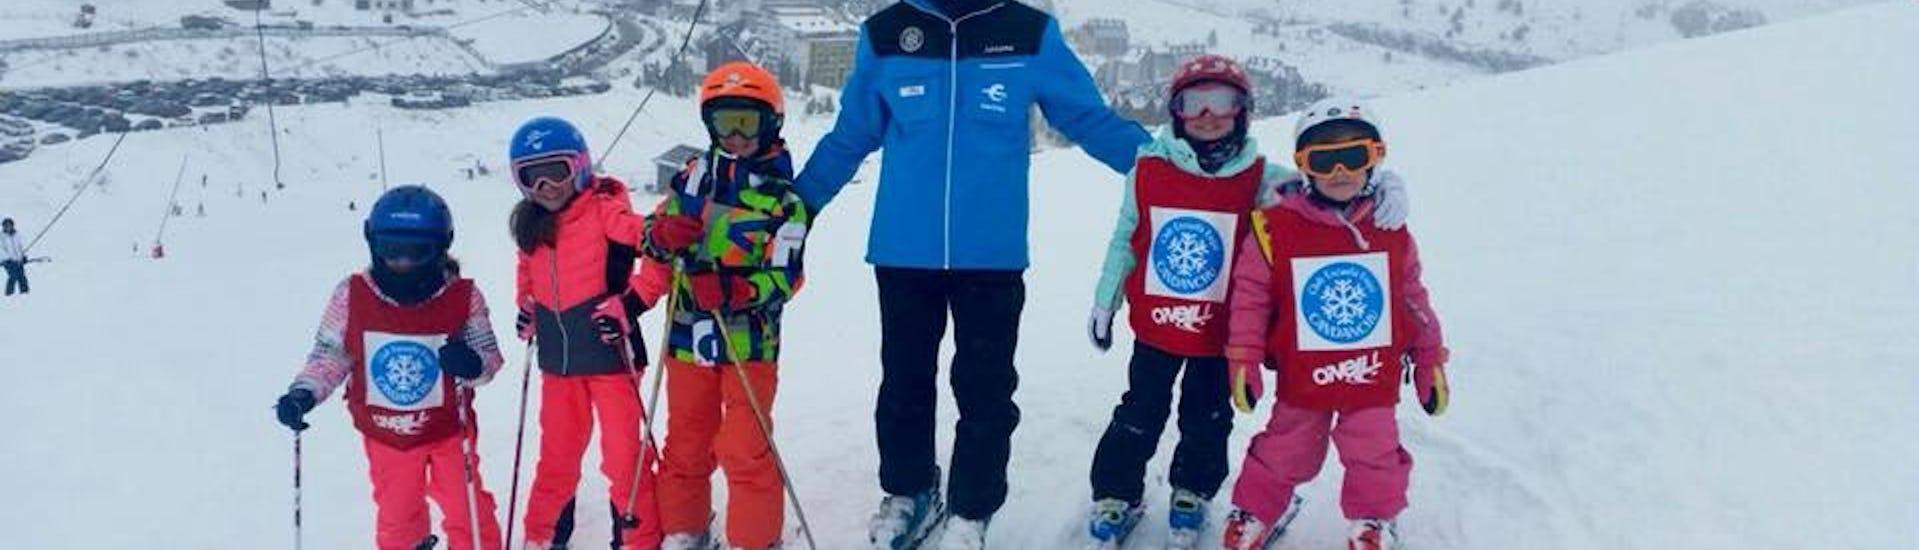 Skikurs für Kinder (5-12 Jahre) - Anfänger